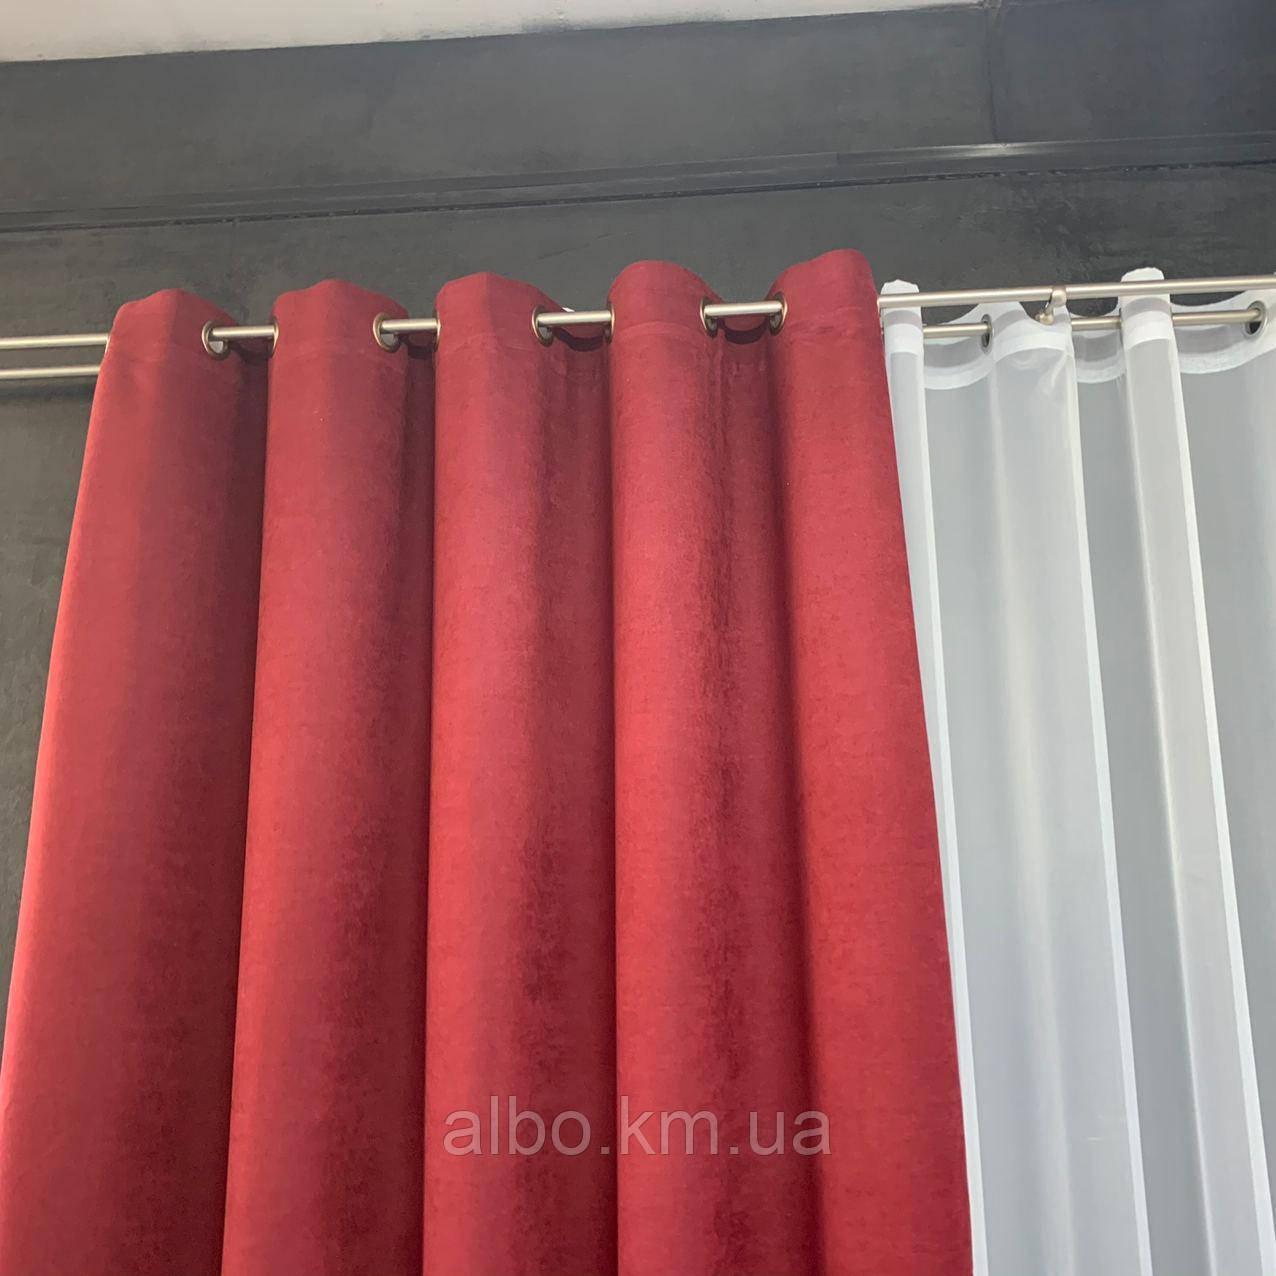 Микровелюровые шторы для спальни гостинной прихожей, шторы на люверсах в комнату спальню зал квартиру,